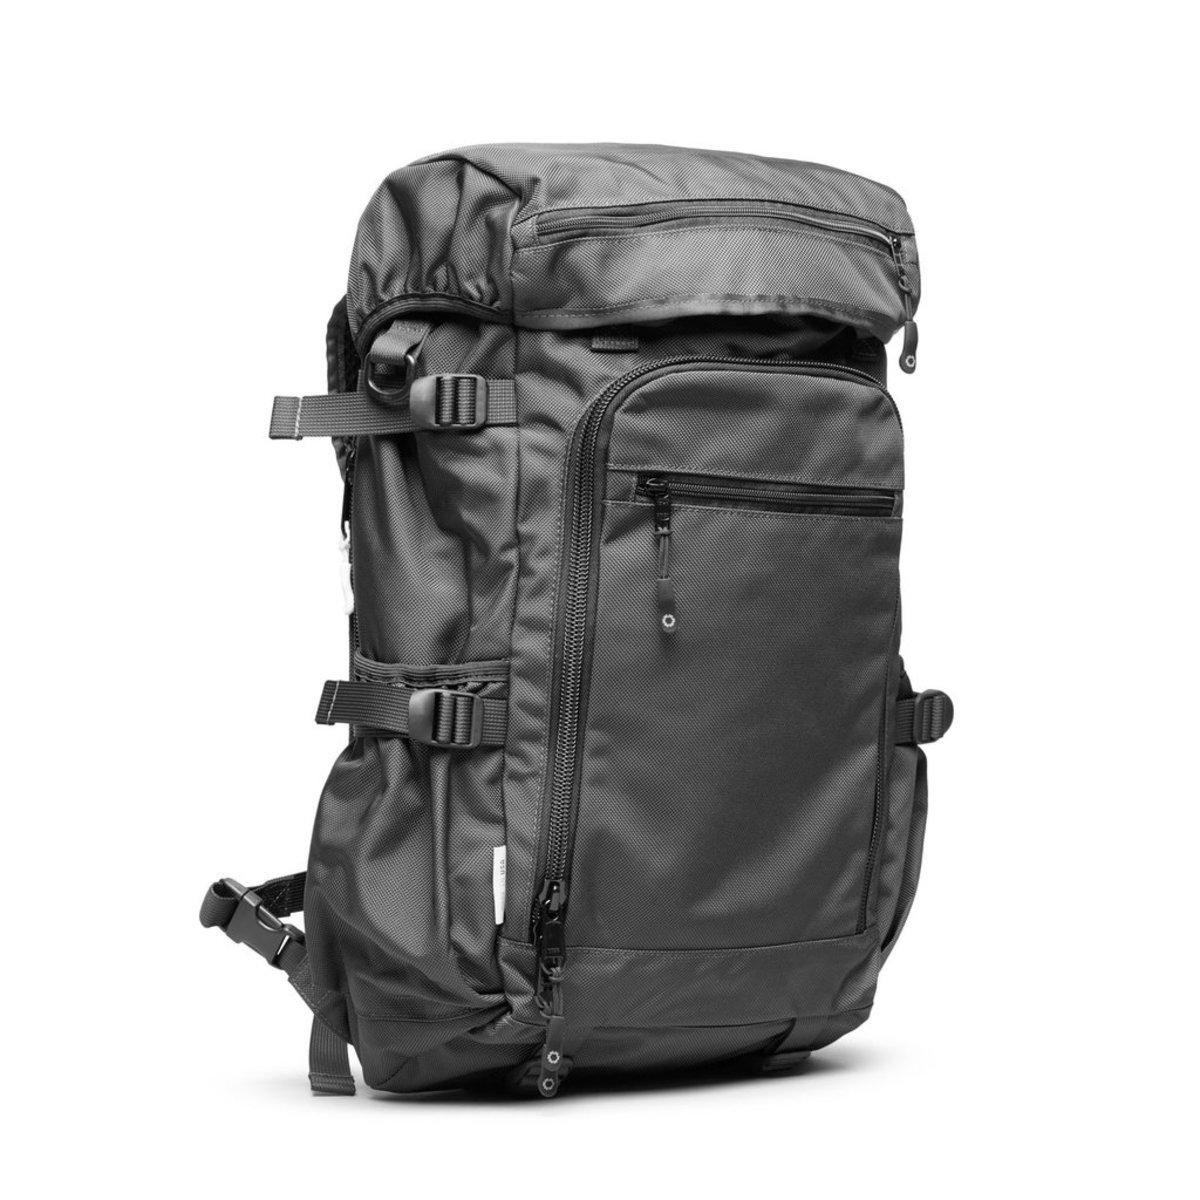 Ruckpack ($120, orig. $240)